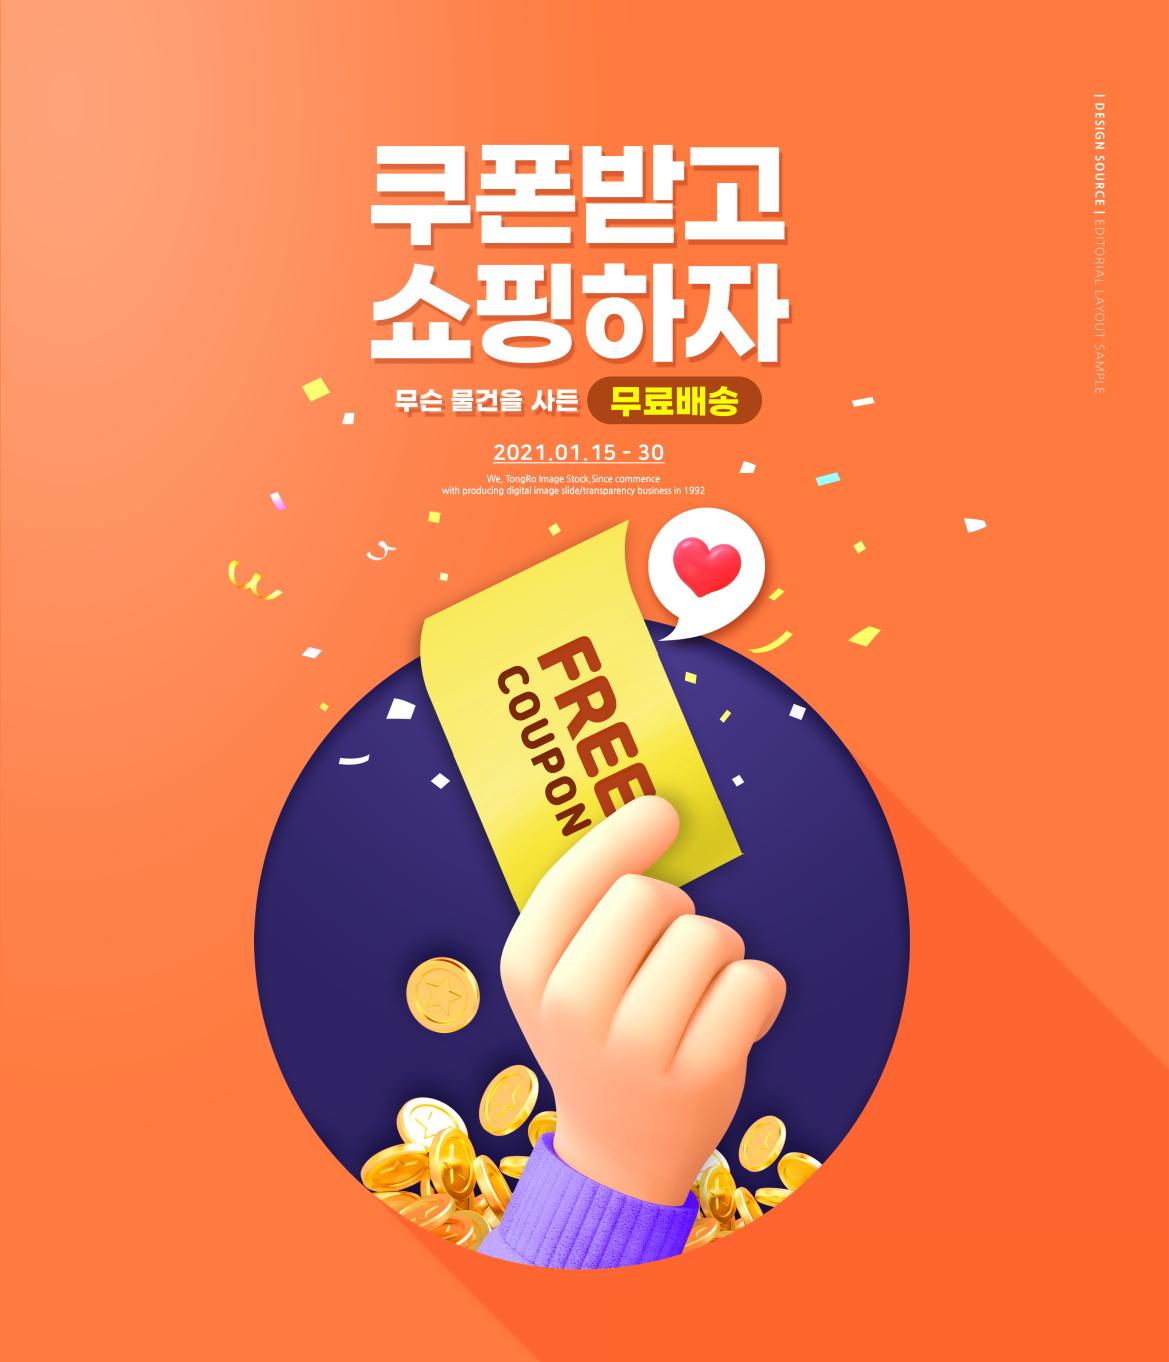 [单独购买] 16款时尚外卖金融手机购物促销海报设计PSD模板素材 Mobile Shopping Promotion Poster插图12